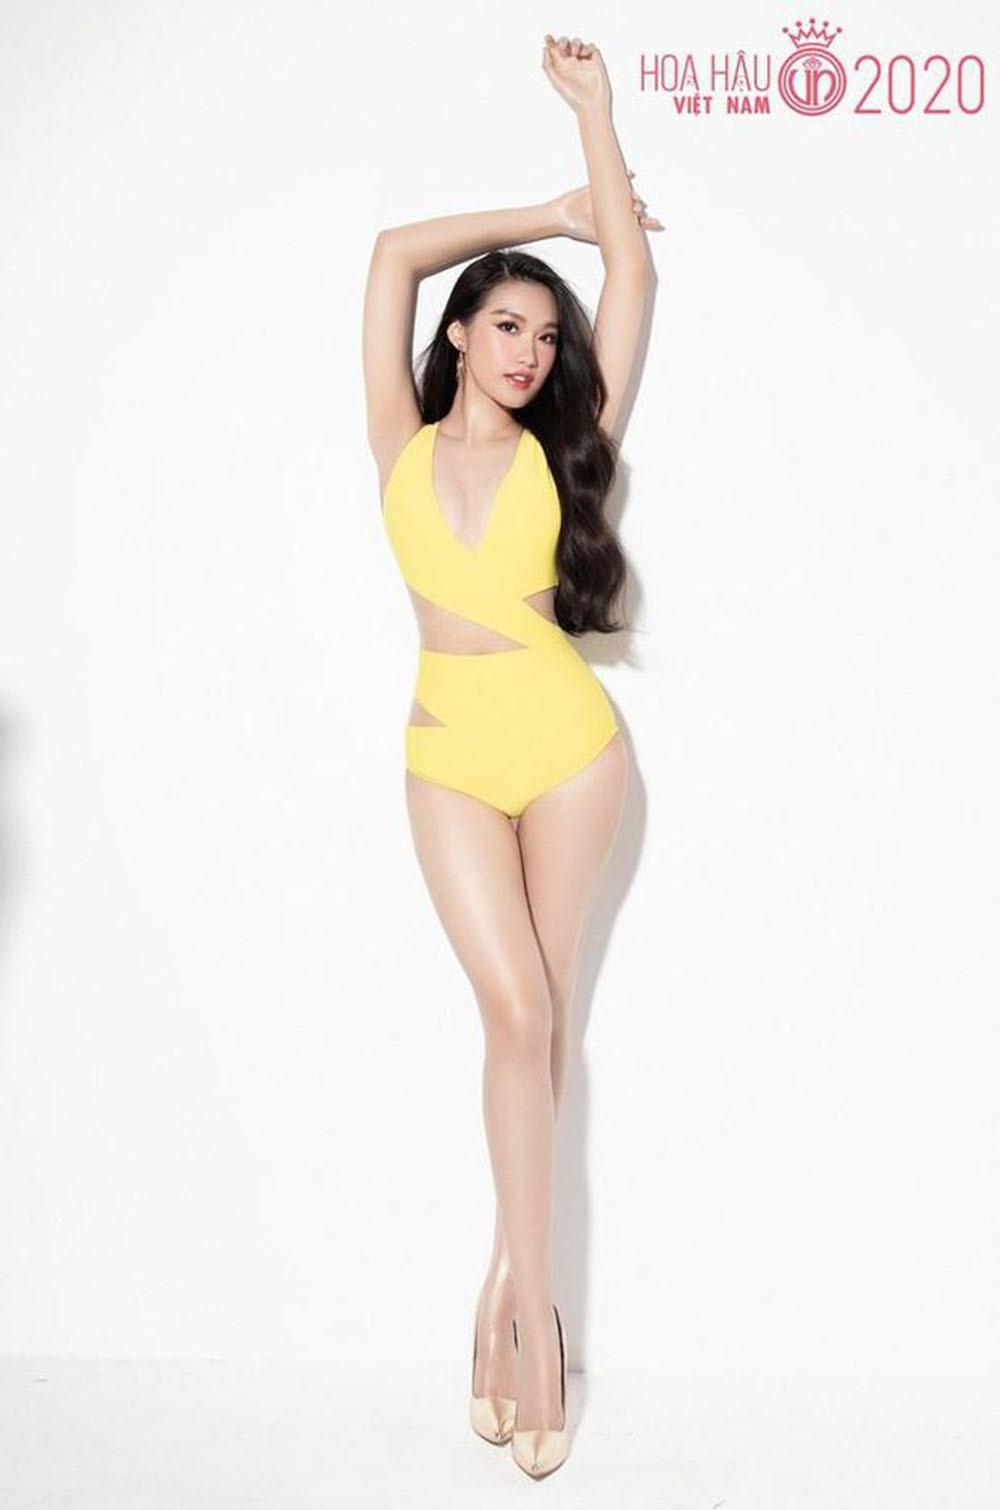 Dàn người đẹp sở hữu đường cong bốc lửa dự thi Hoa hậu Việt Nam 2020 - Ảnh 2.